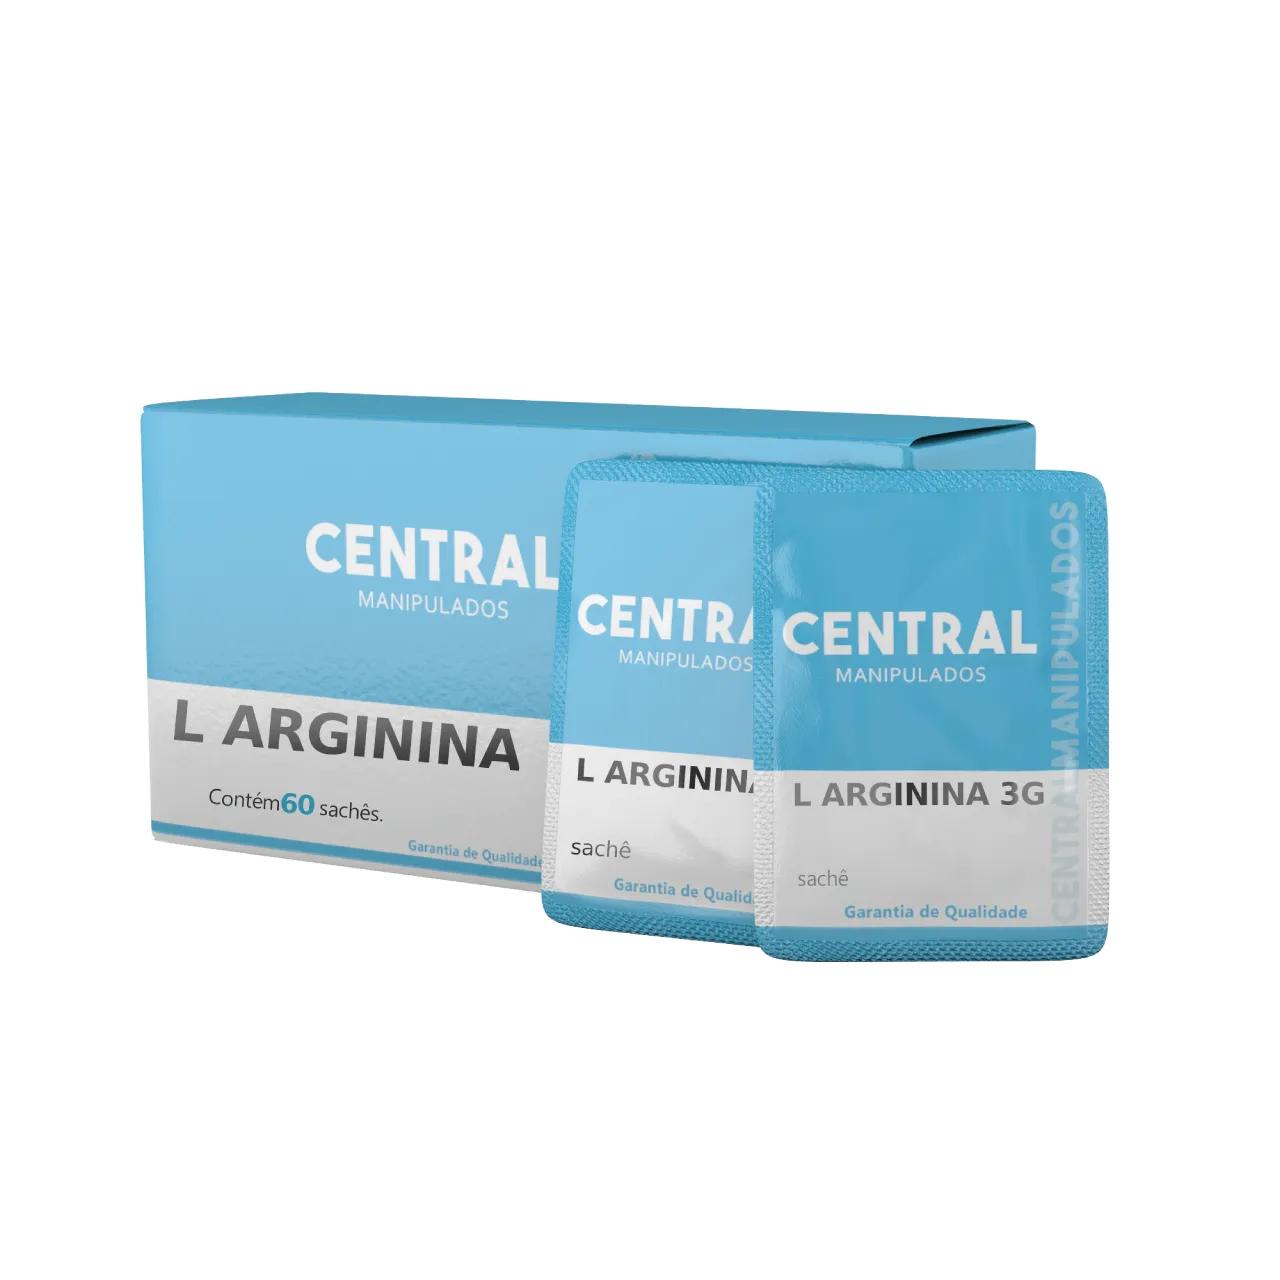 L-arginina - 60 sachês de 3g - Pré Treino - Eferv. sabor Laranja - Ganho de massa muscular, limitando o armazenamento de gordura, Baixa o colesterol, Saúde Cardiovascular